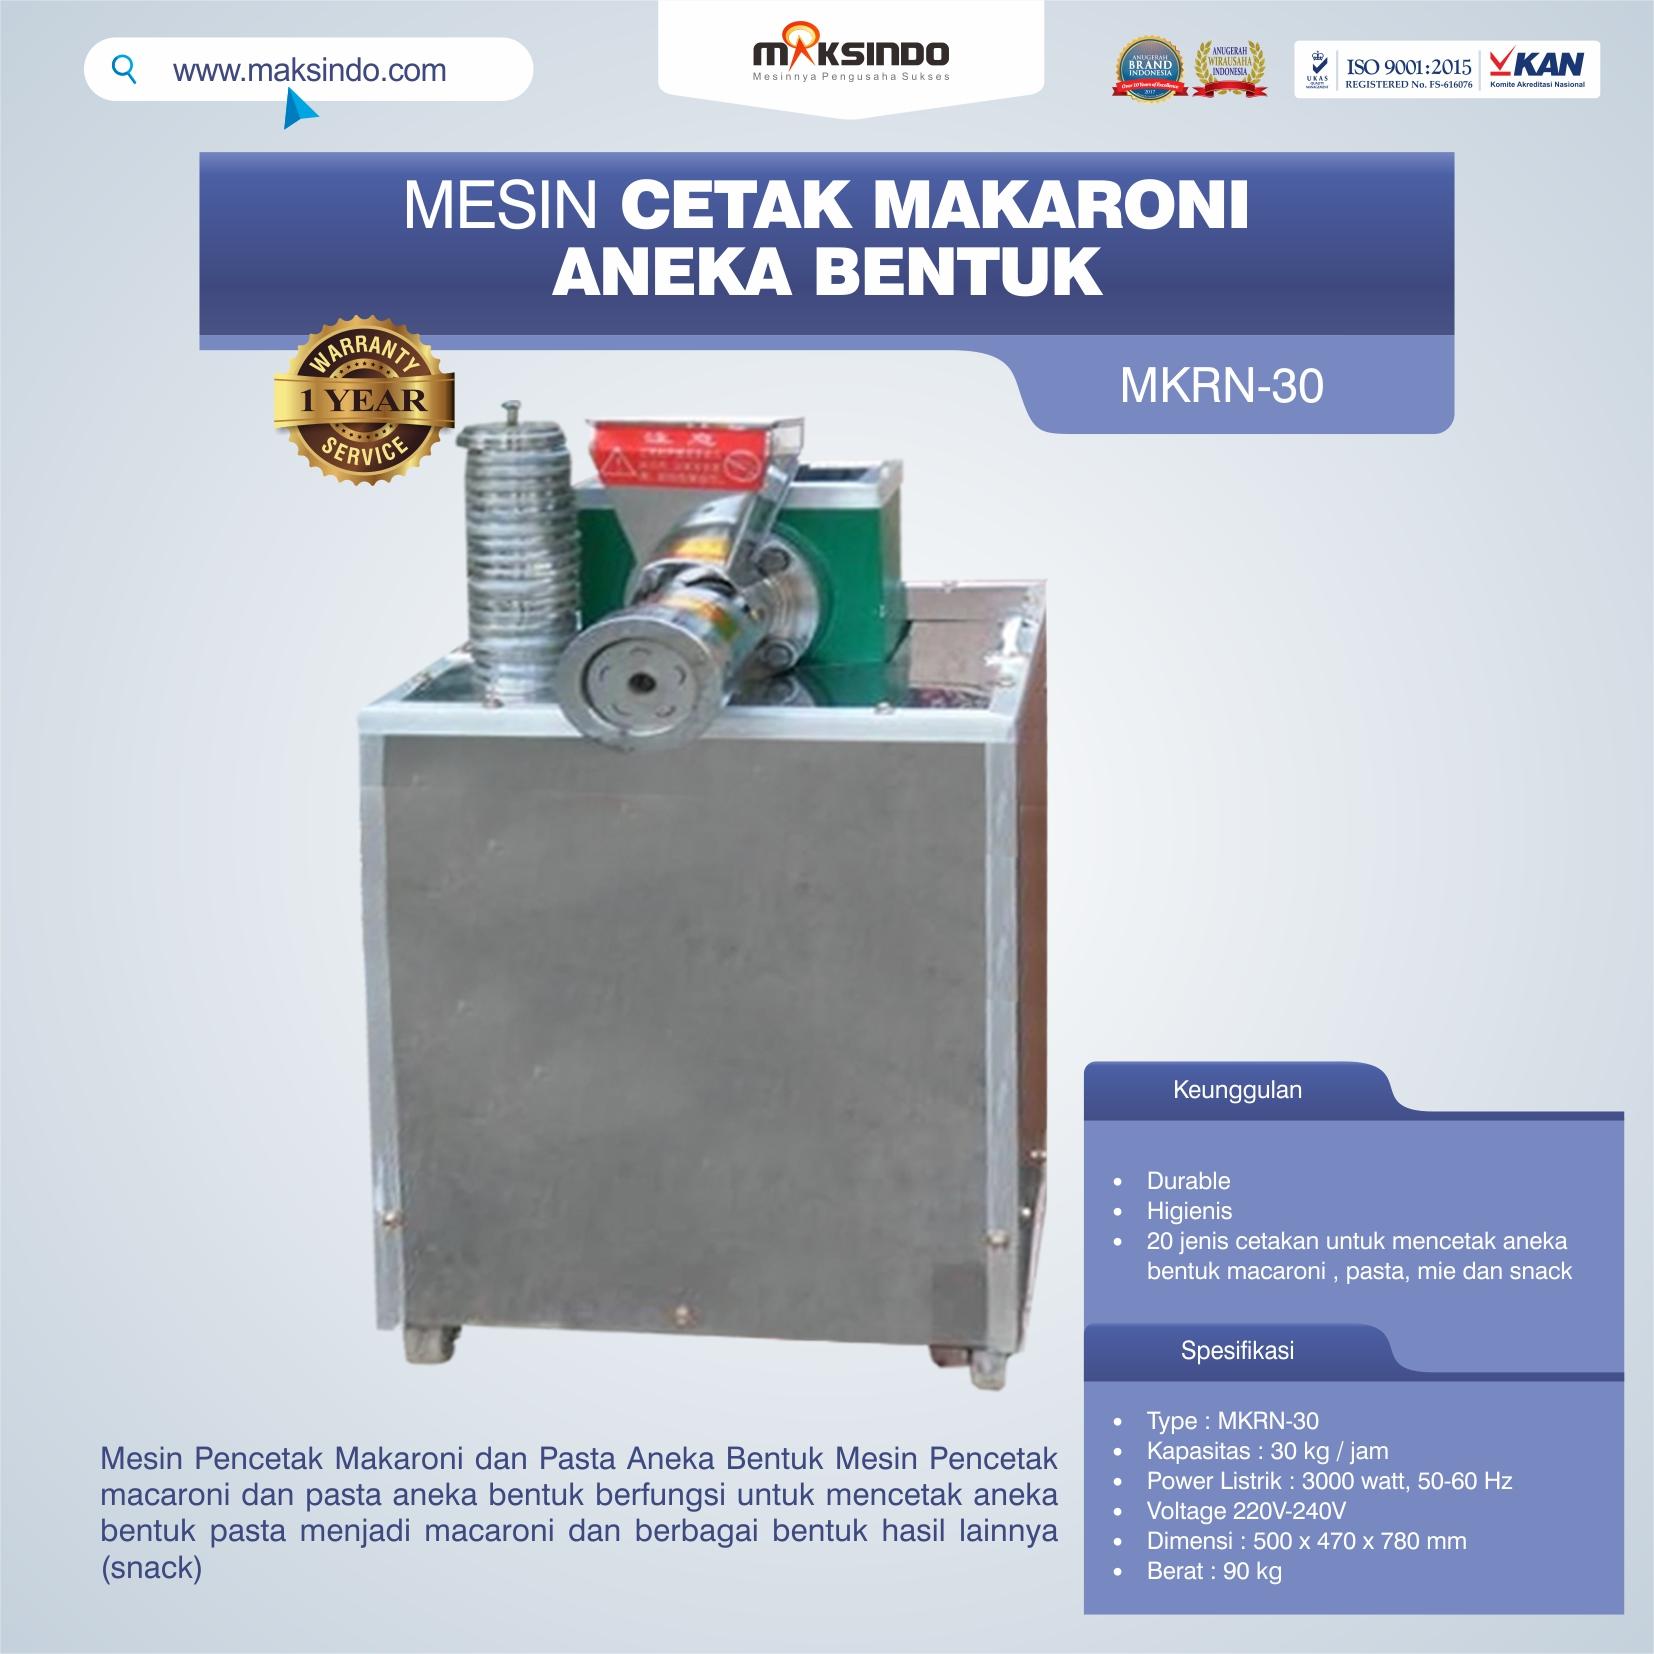 Jual Mesin Cetak Makaroni Aneka Bentuk di Tangerang